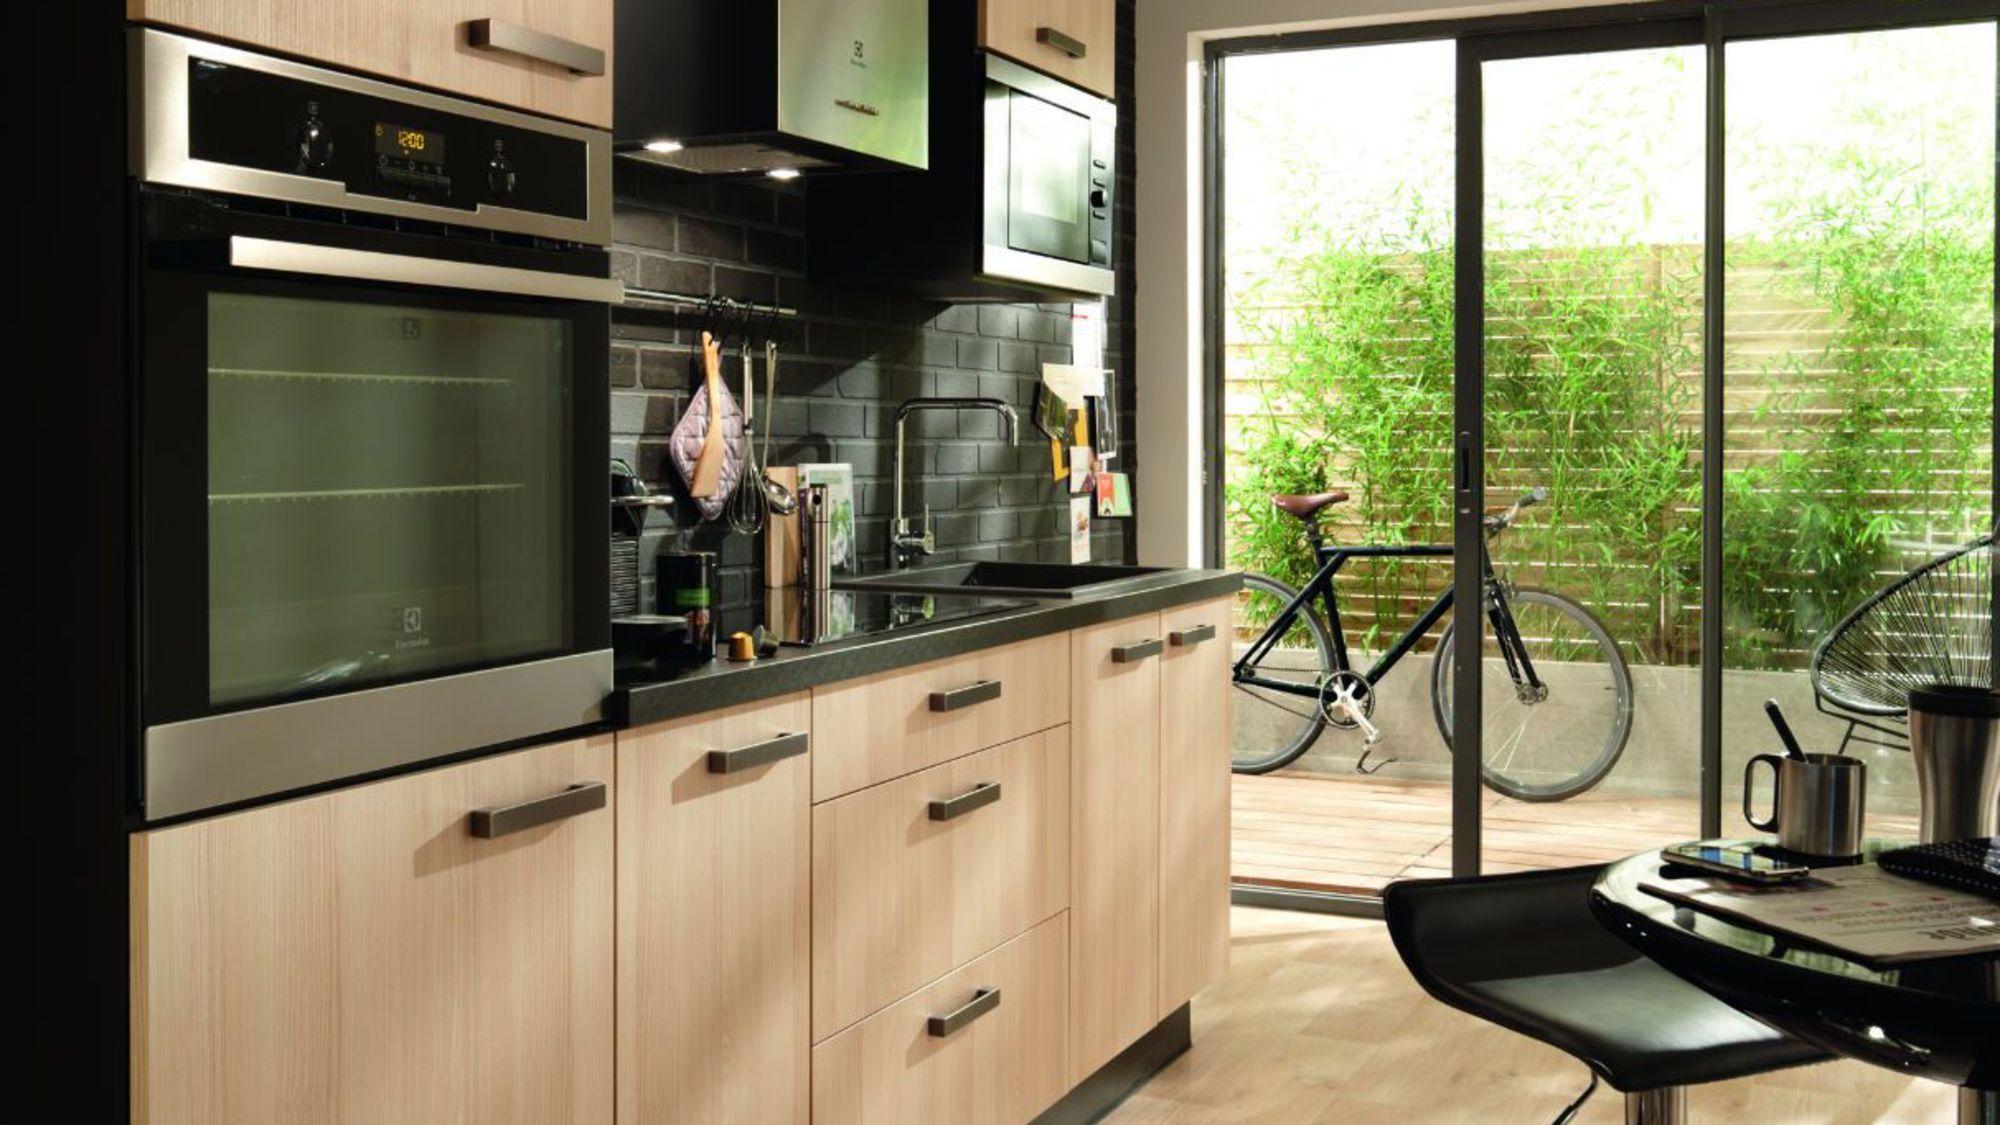 elegant cuisine aviva rouge haute brillance mur gris ides dco pour relooker votre cuisine avec. Black Bedroom Furniture Sets. Home Design Ideas